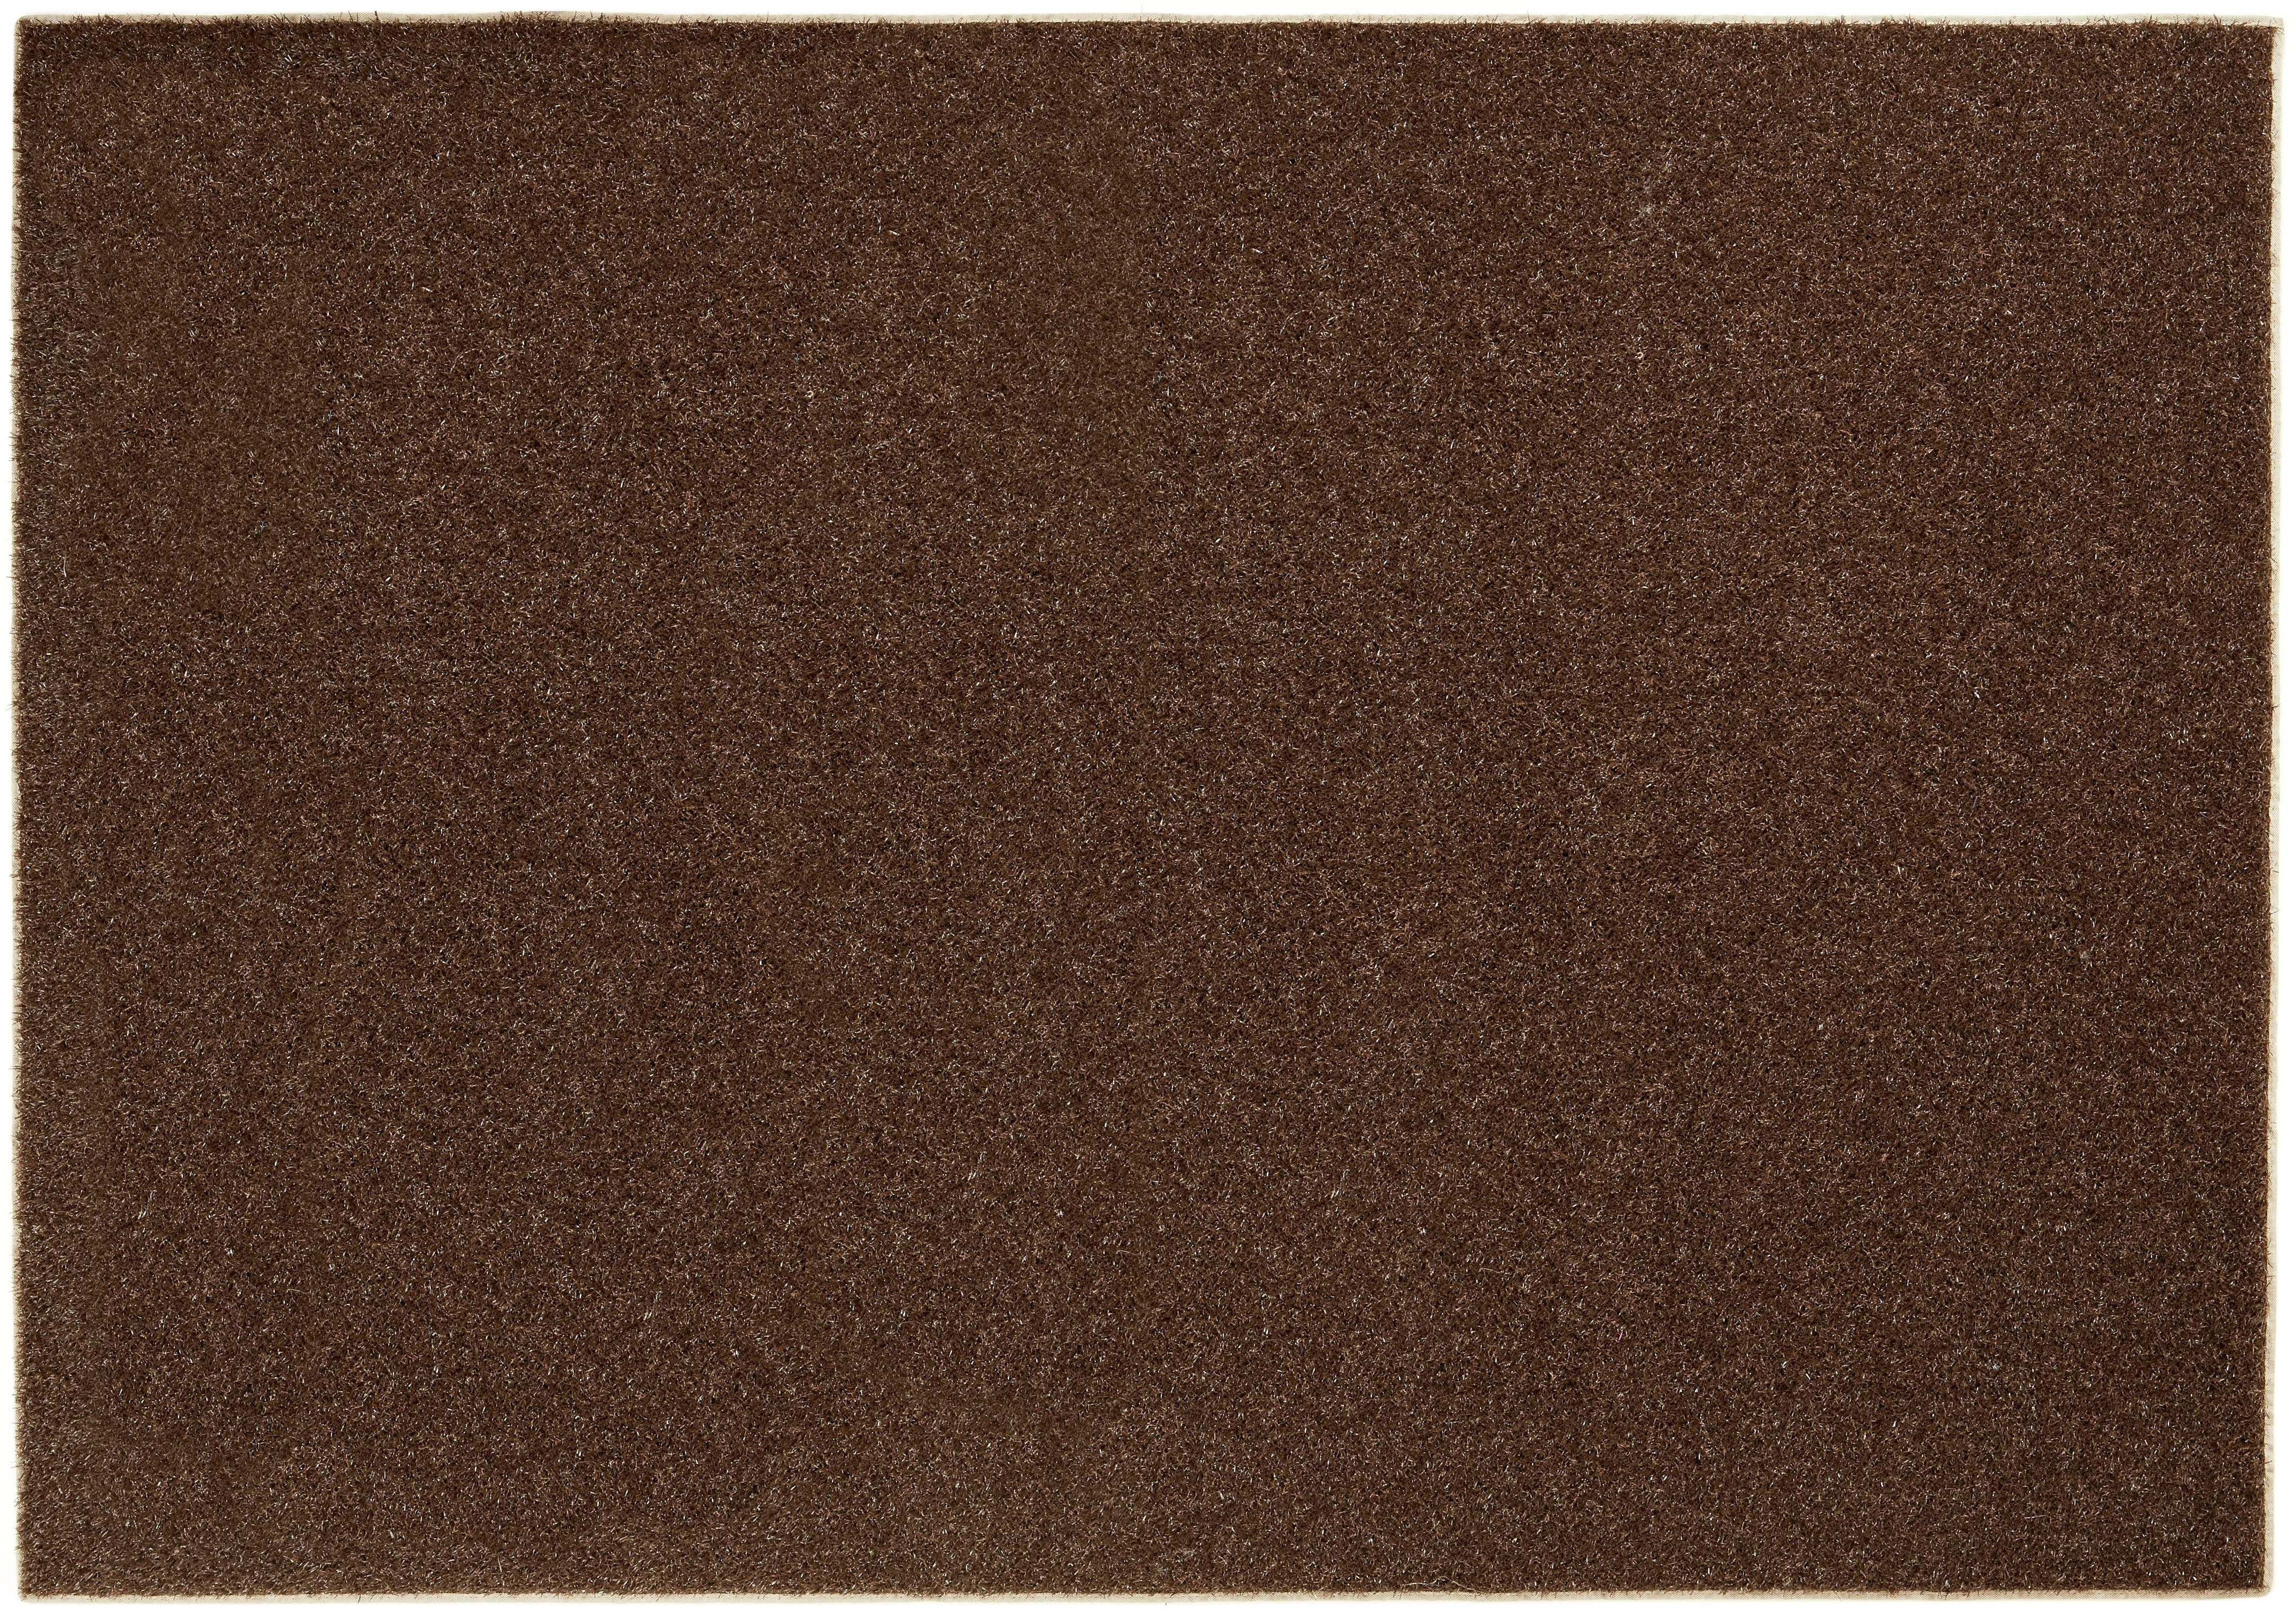 Image of Barbara Becker Kunstrasen »Miami Style«, rechteckig, 23 mm Höhe, Rasenteppich, handgetuftet, strapazierfähig, witterungsbeständig, In- und Outdoor geeignet